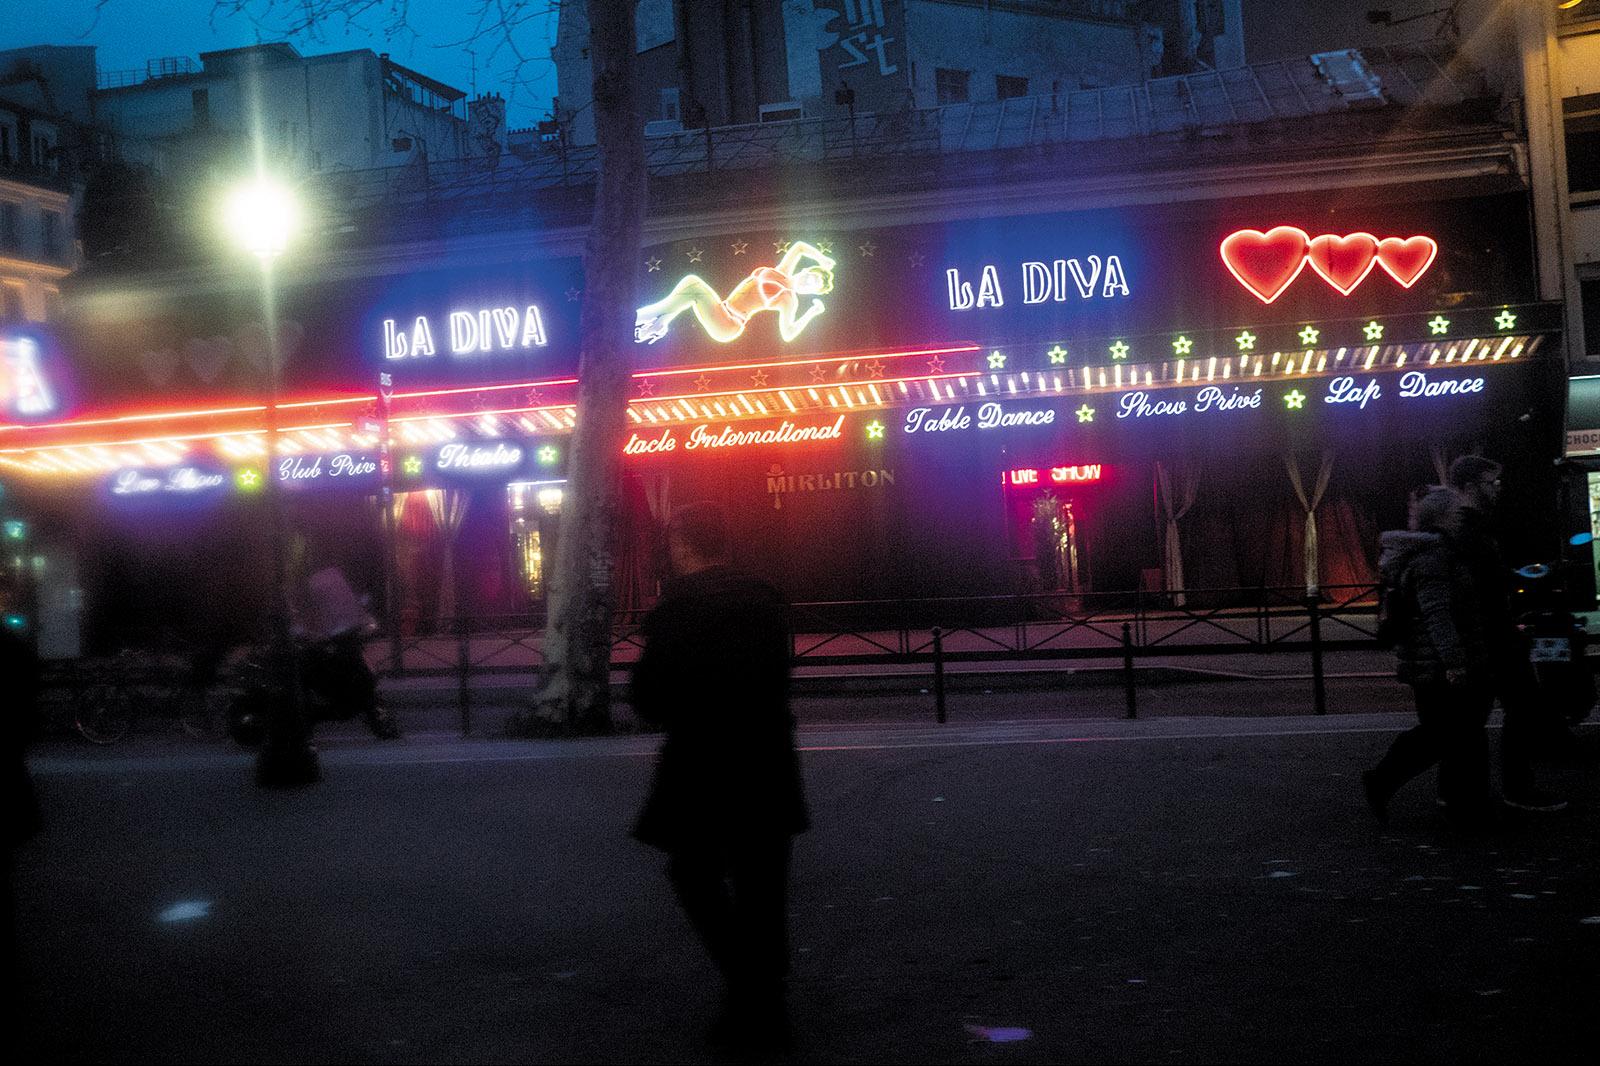 Pigalle, Paris's red-light district